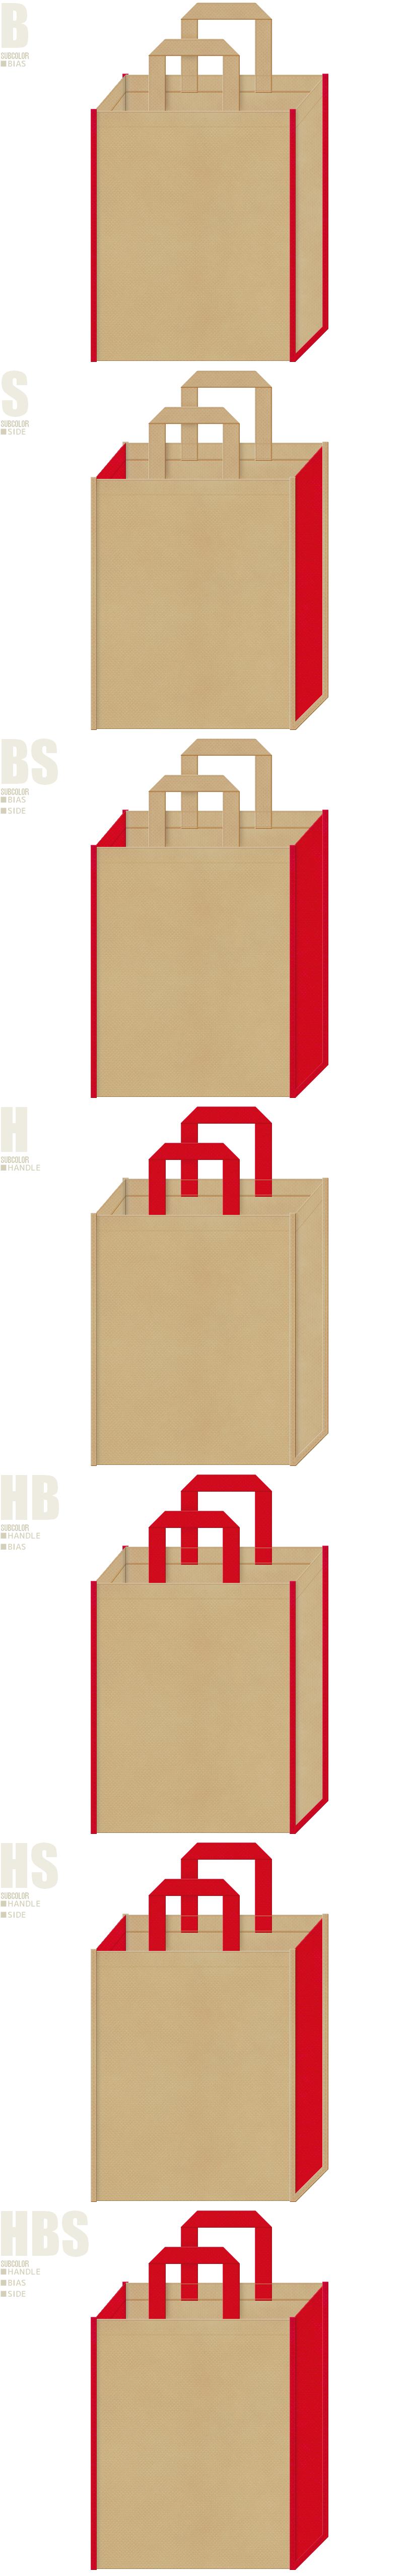 カーキ色と紅色、7パターンの不織布トートバッグ配色デザイン例。